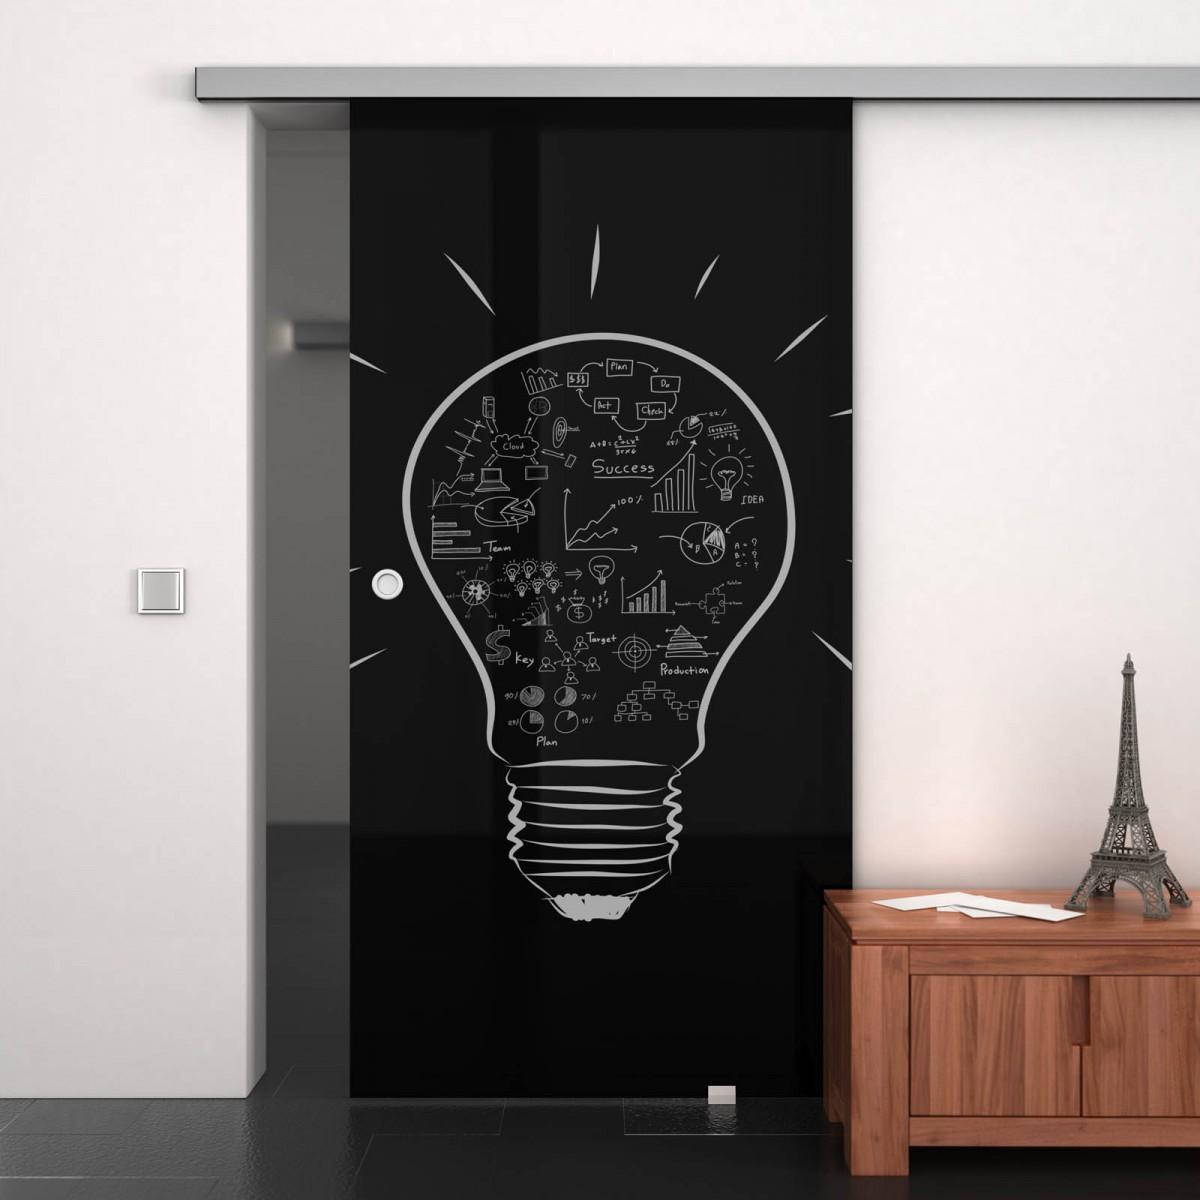 Glas-Schiebetür lackiert mit Motiv Kreative Idee